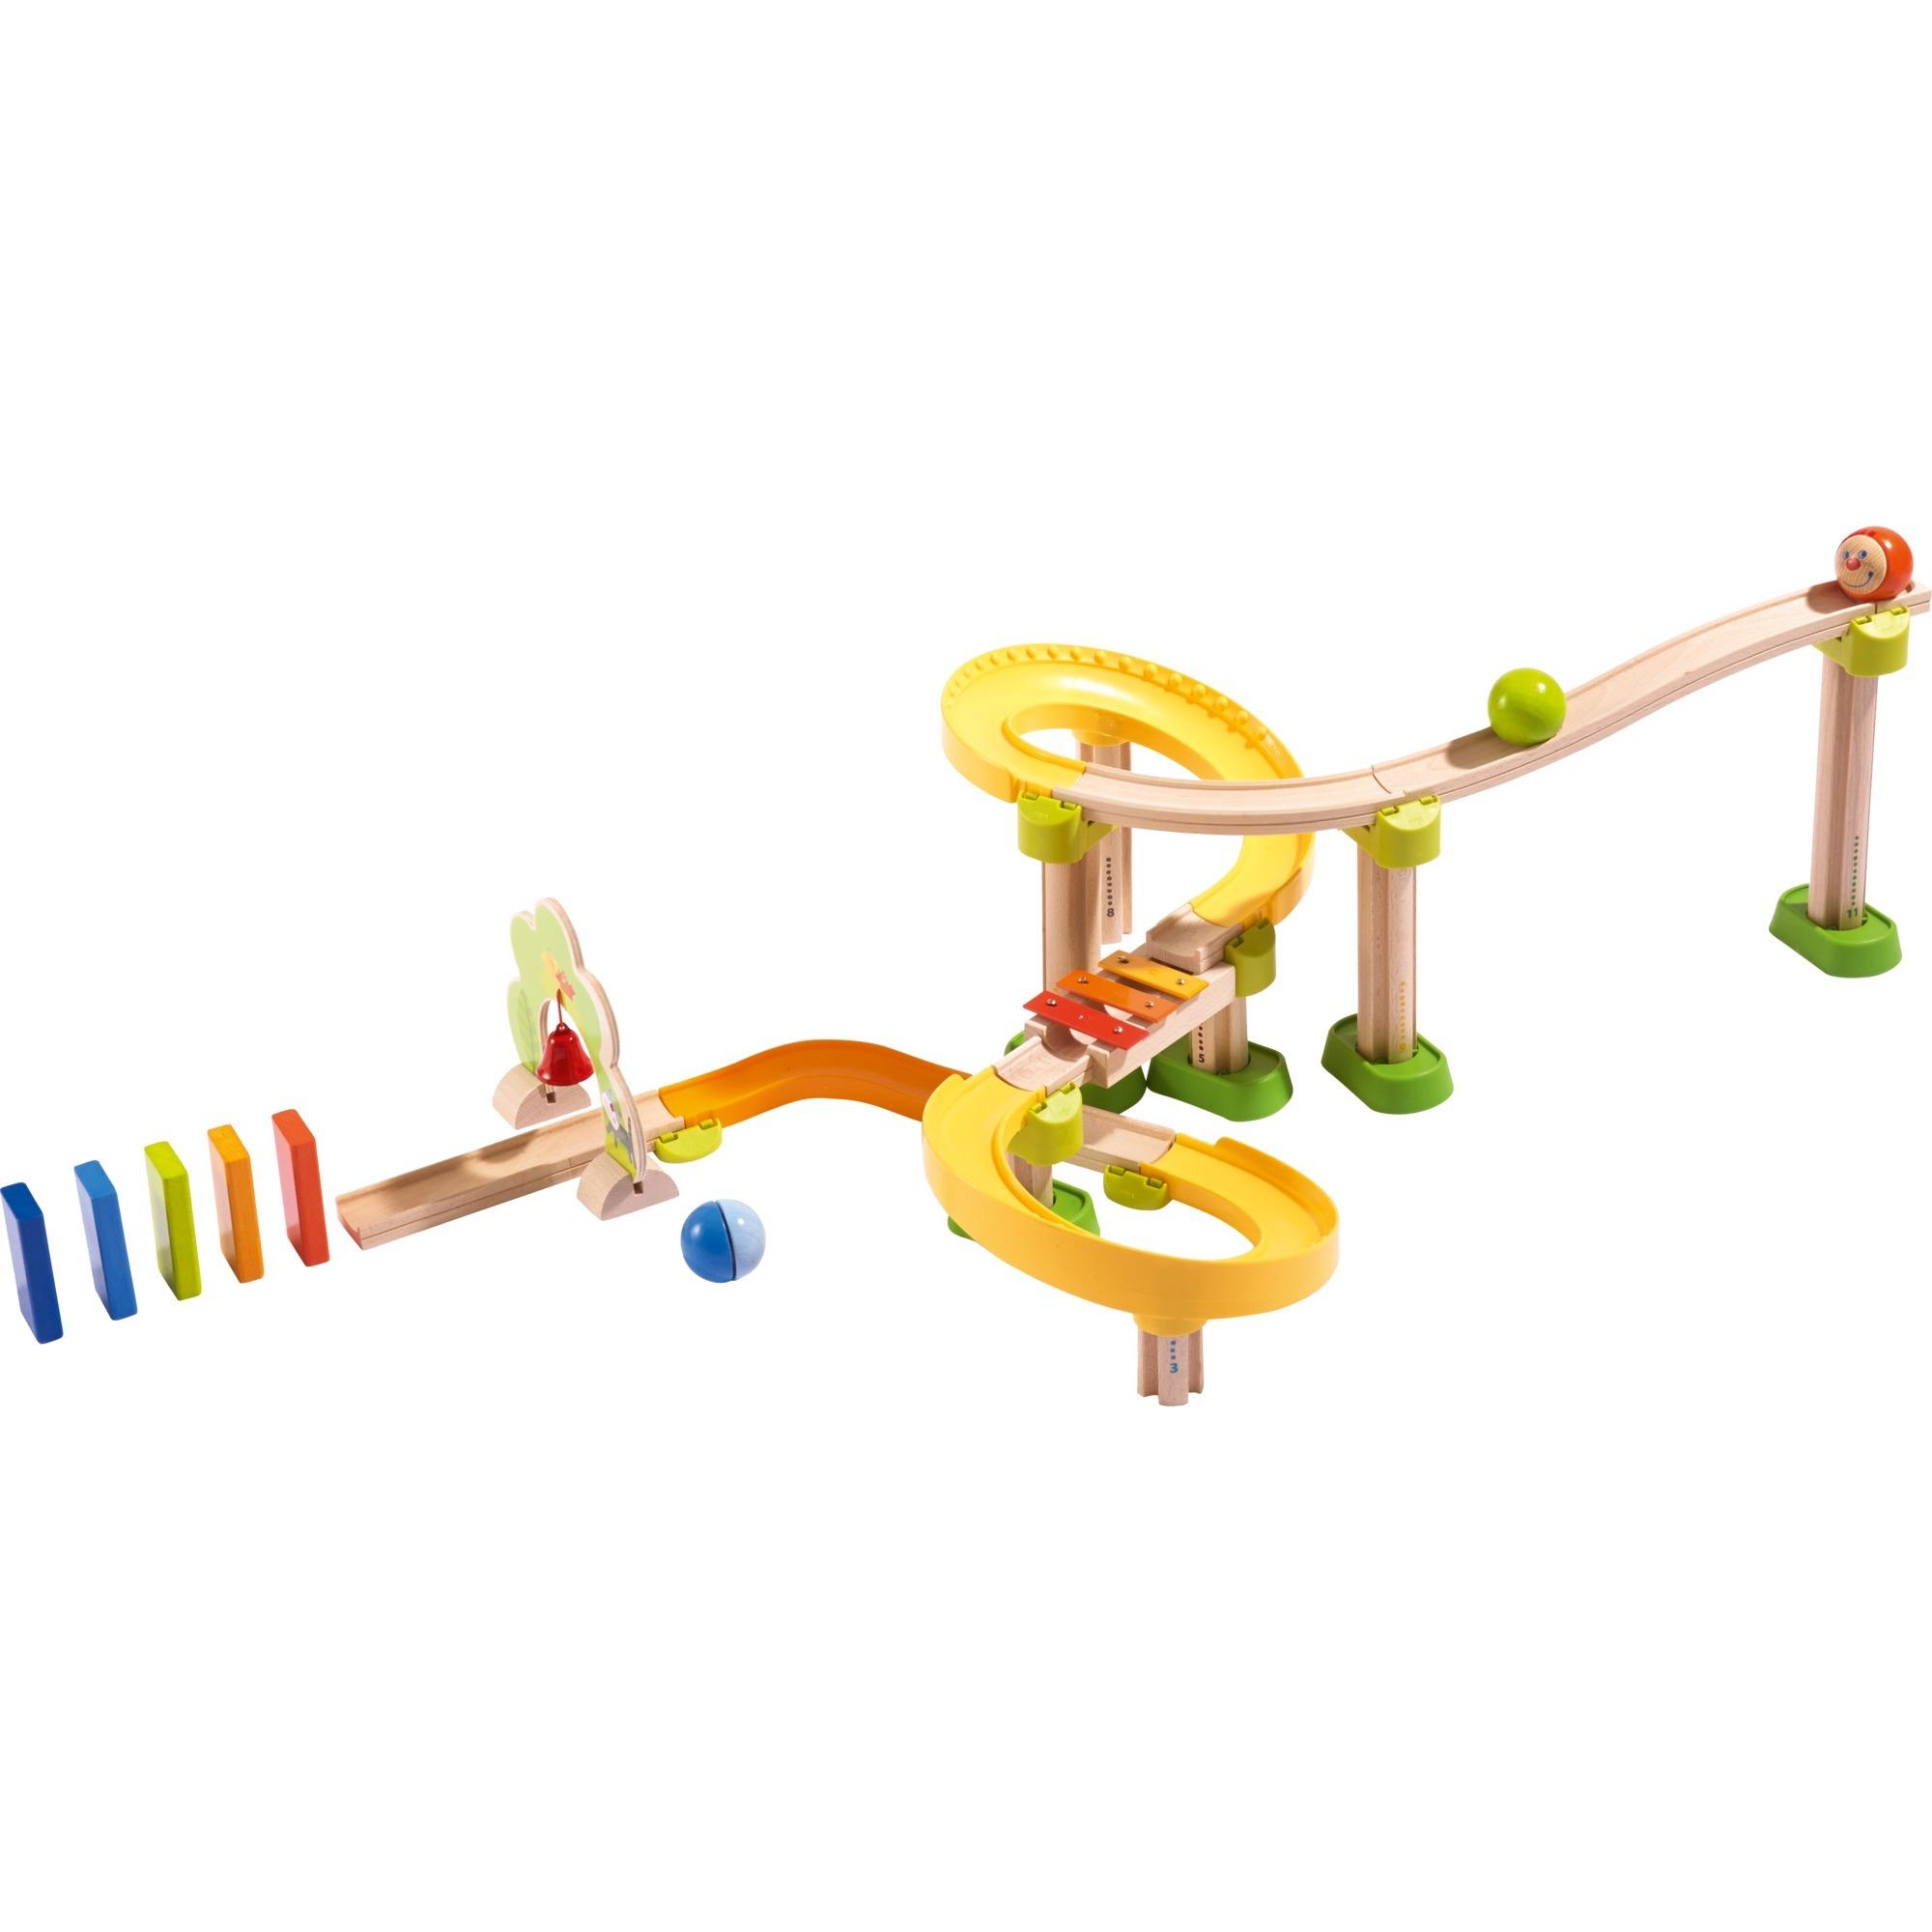 302056 pista para vehículos de juguete De plástico, Madera, Ferrocarril